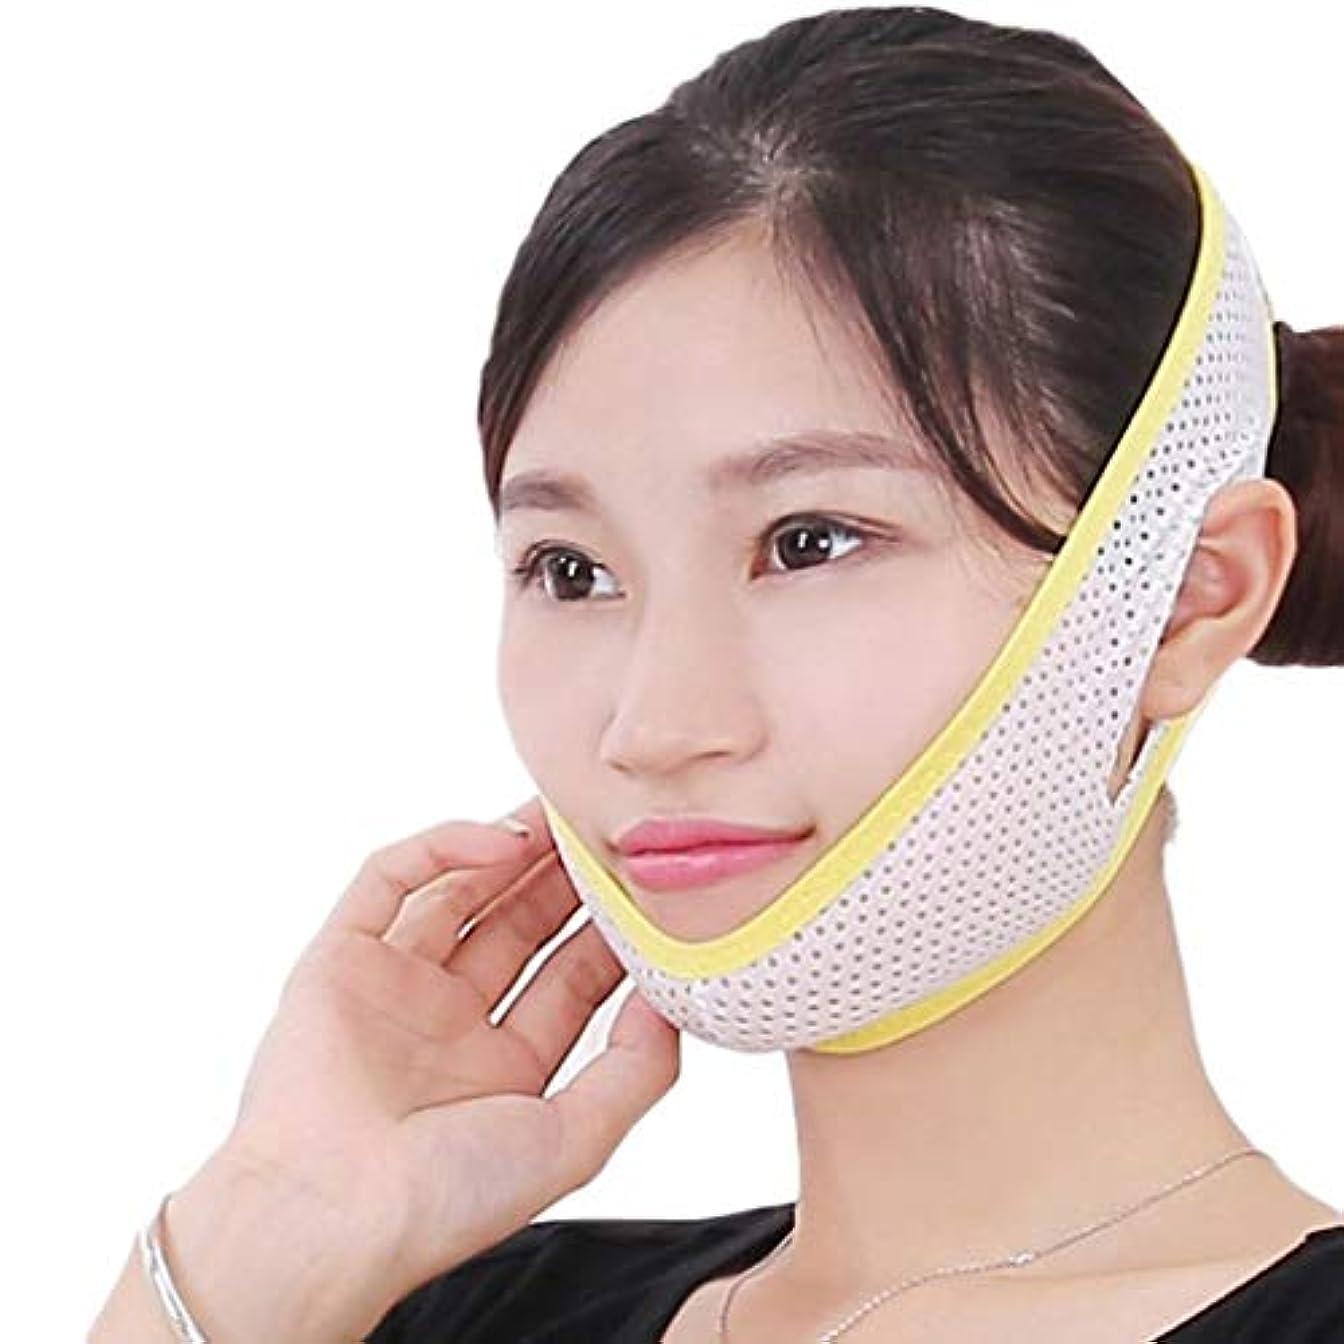 捨てるスキップ裏切りJia He 軽量 薄い顔ベルト、薄い顔の包帯Vフェイスアーティファクト通気性睡眠リフティングファーミング二重あごの補正マスク ## (Size : L)